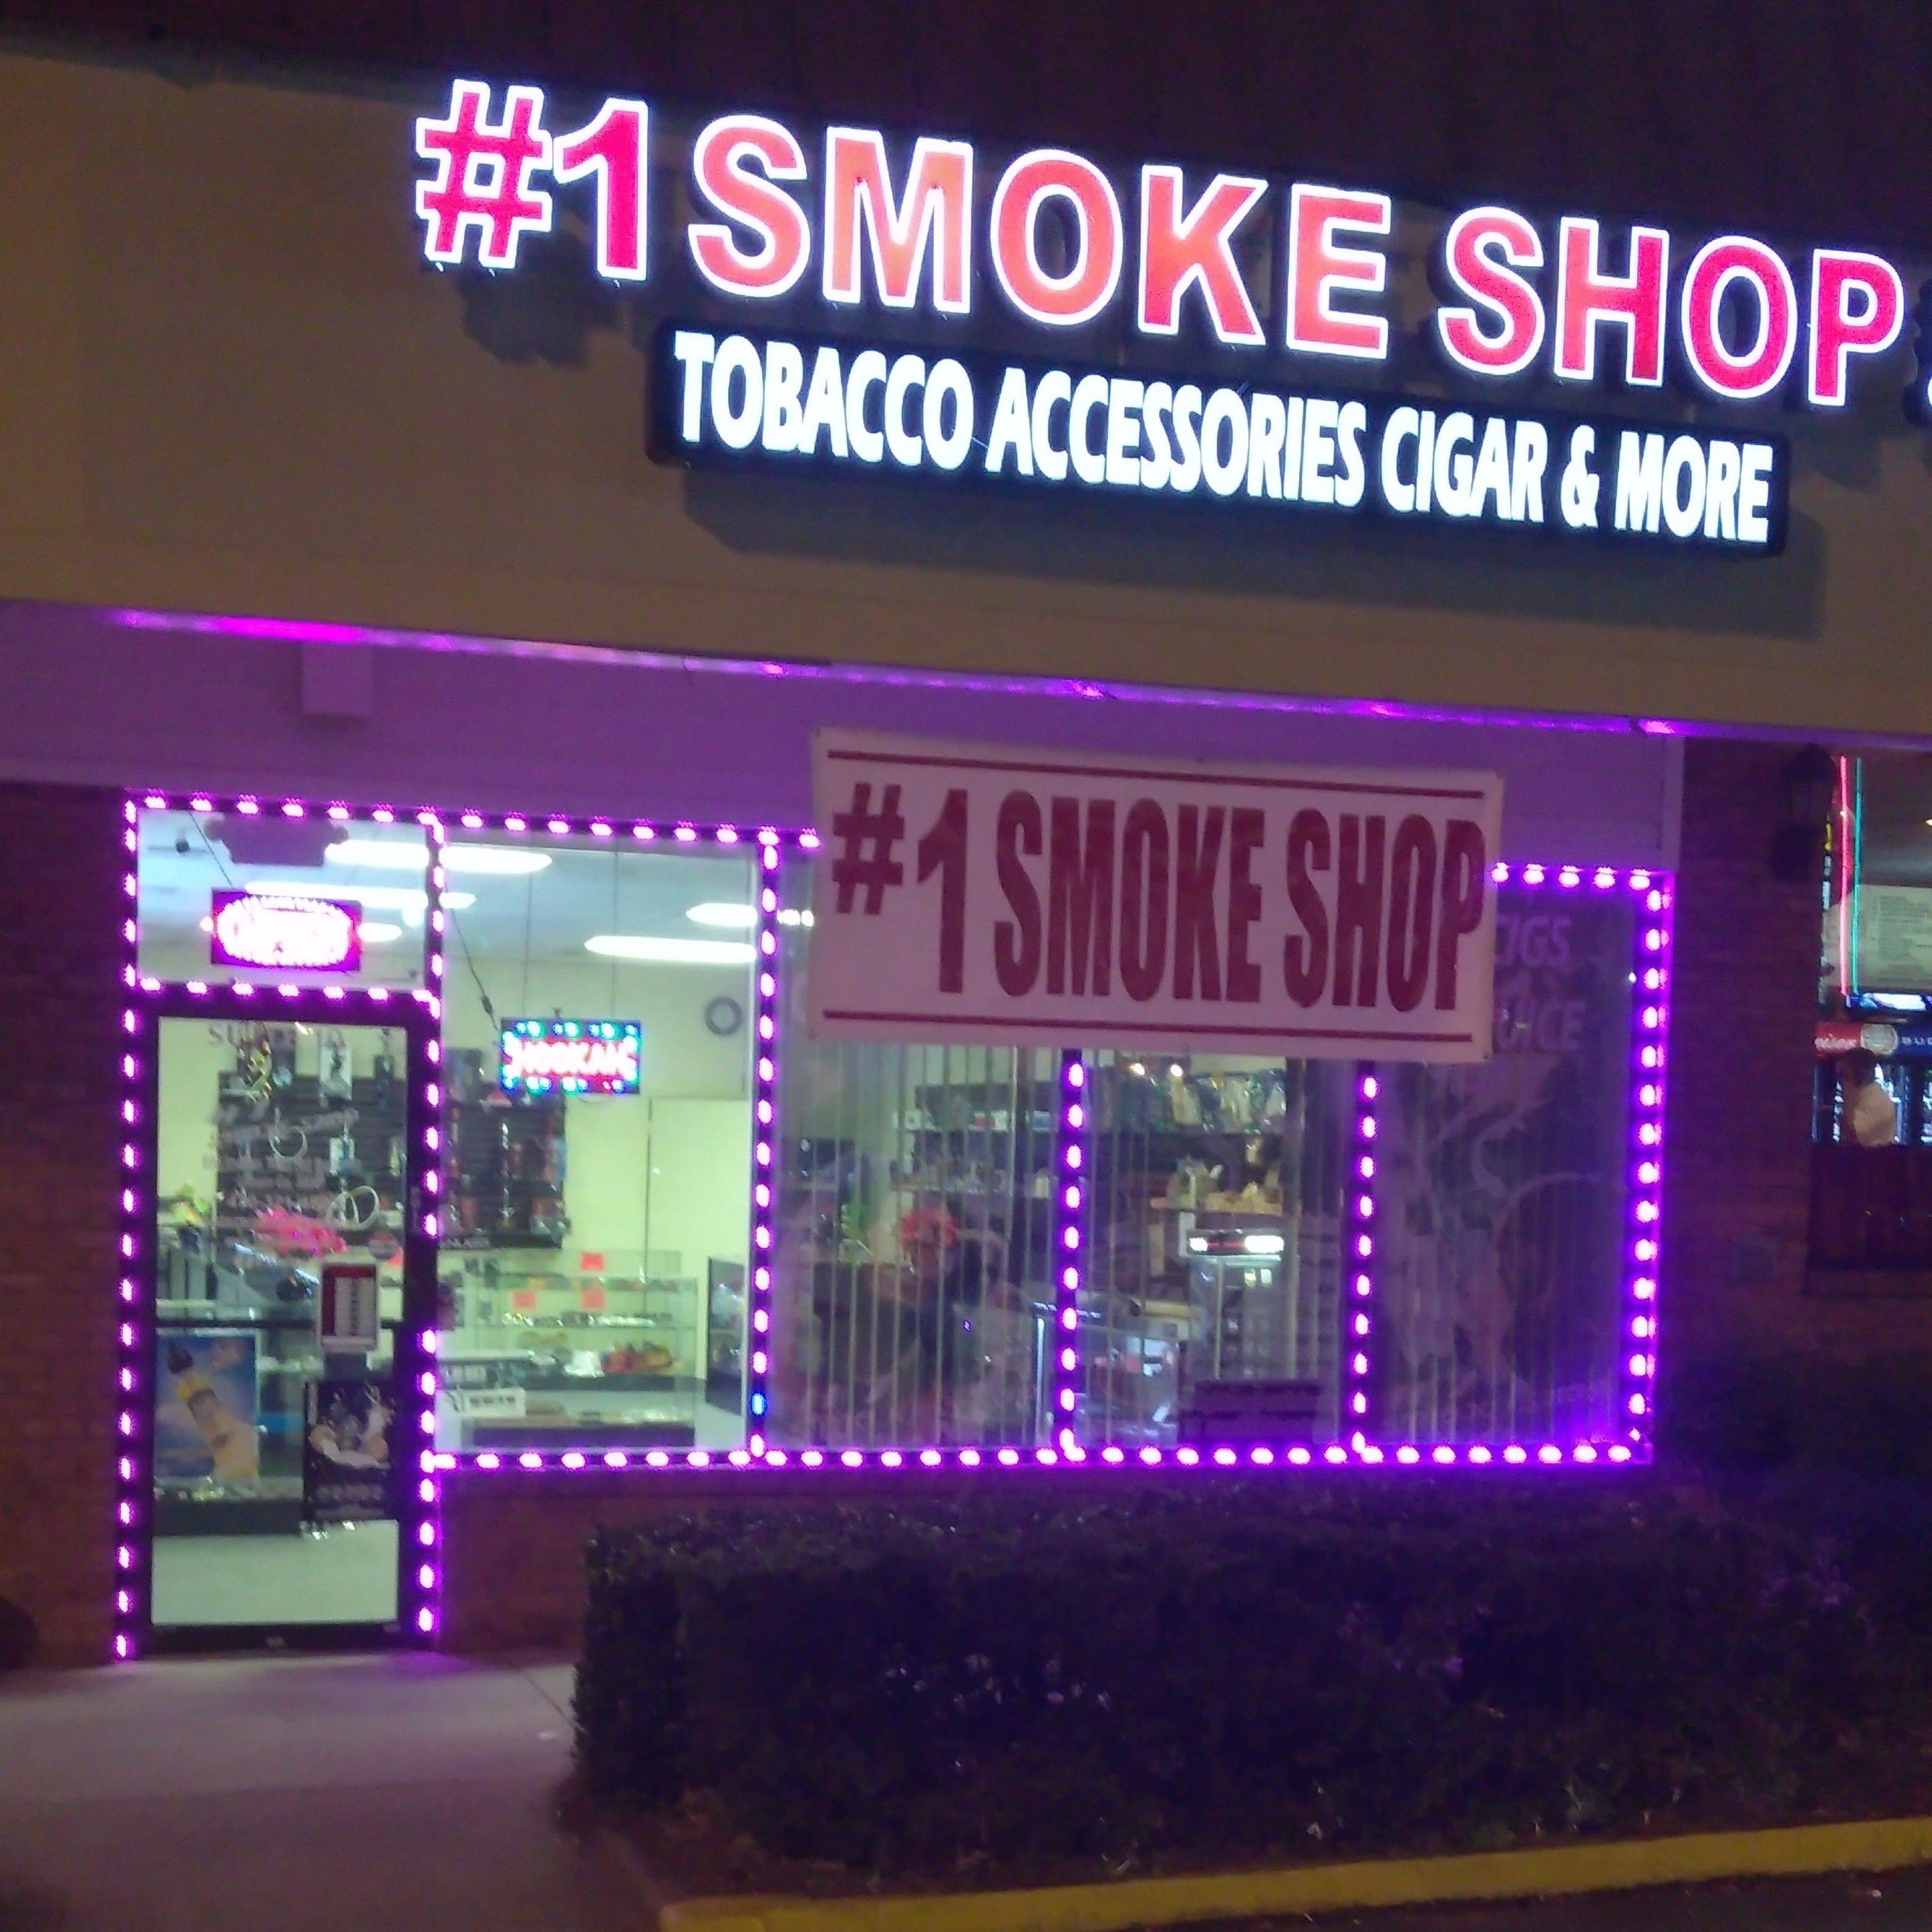 #1 Smokeshop